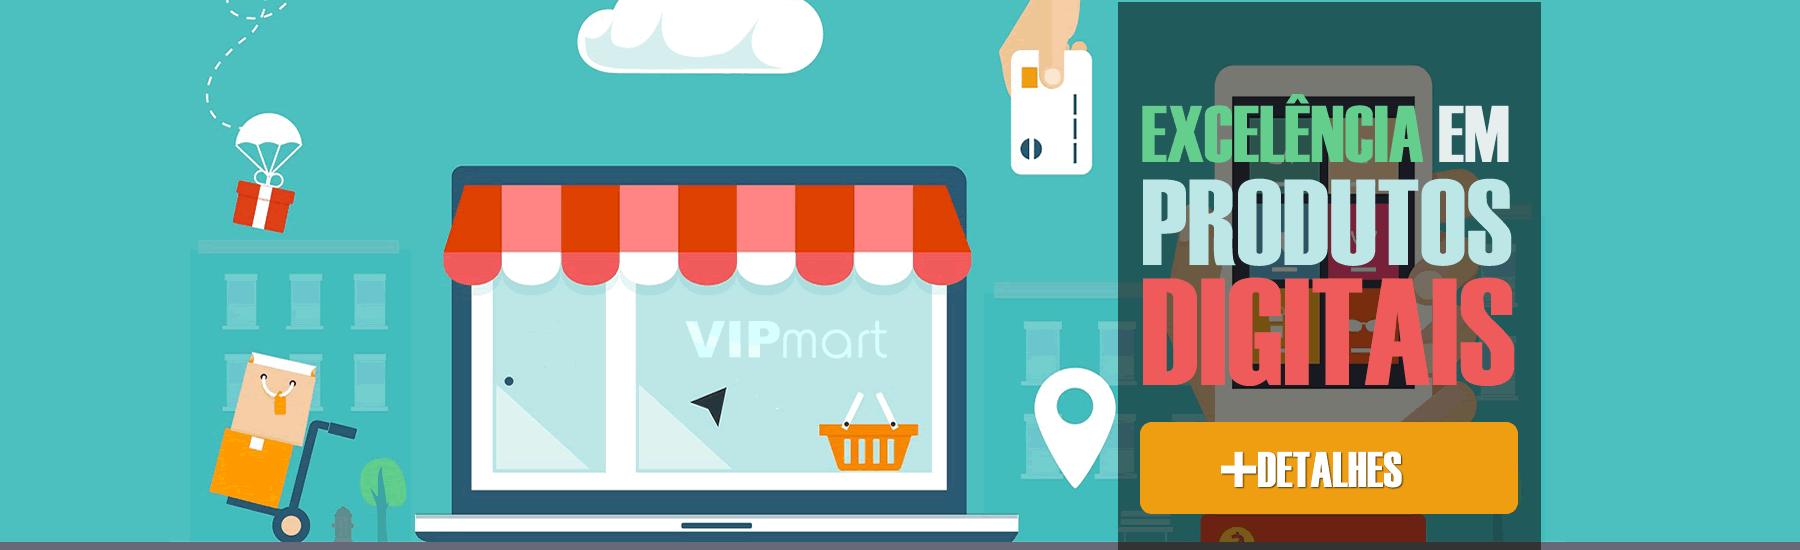 VipMart - Excelência em Produtos Digitais